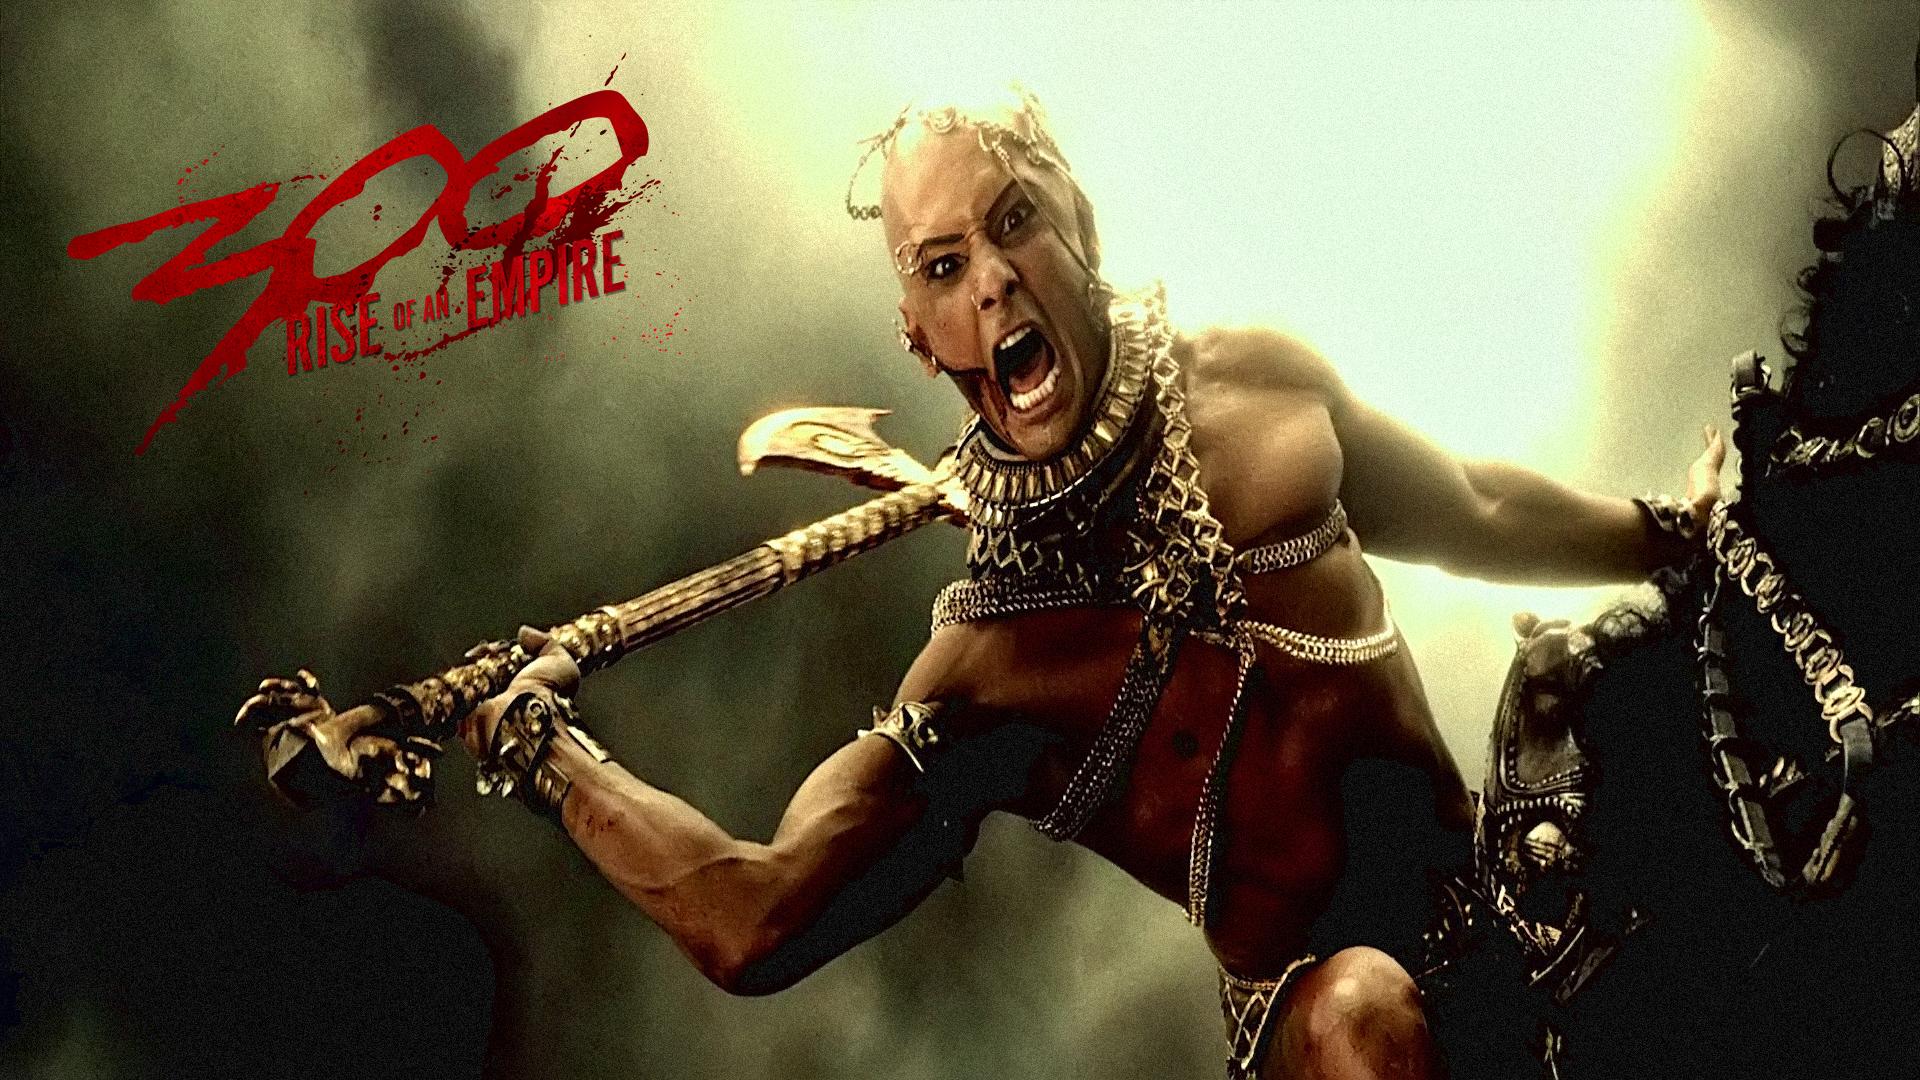 300 спартанцев: Расцвет империи Ксеркс - обои для рабочего стола ...